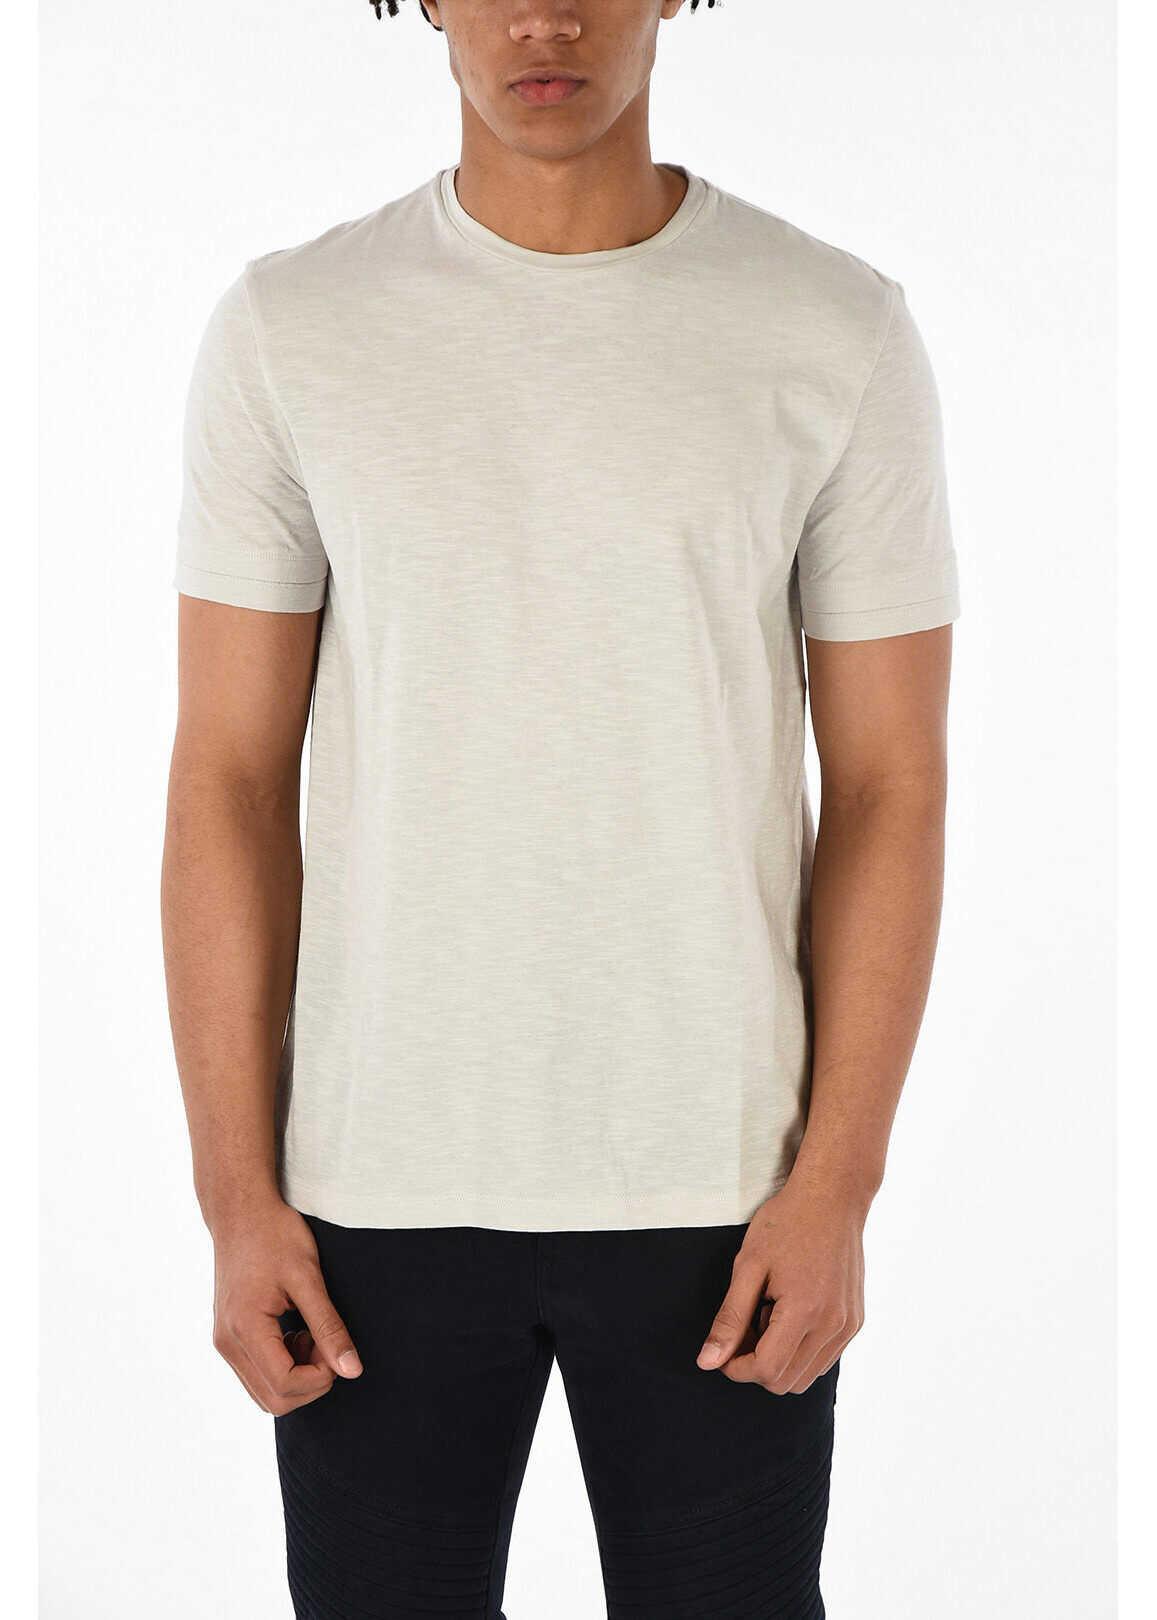 Neil Barrett Crewneck LOOSE FIT T-shirt BEIGE